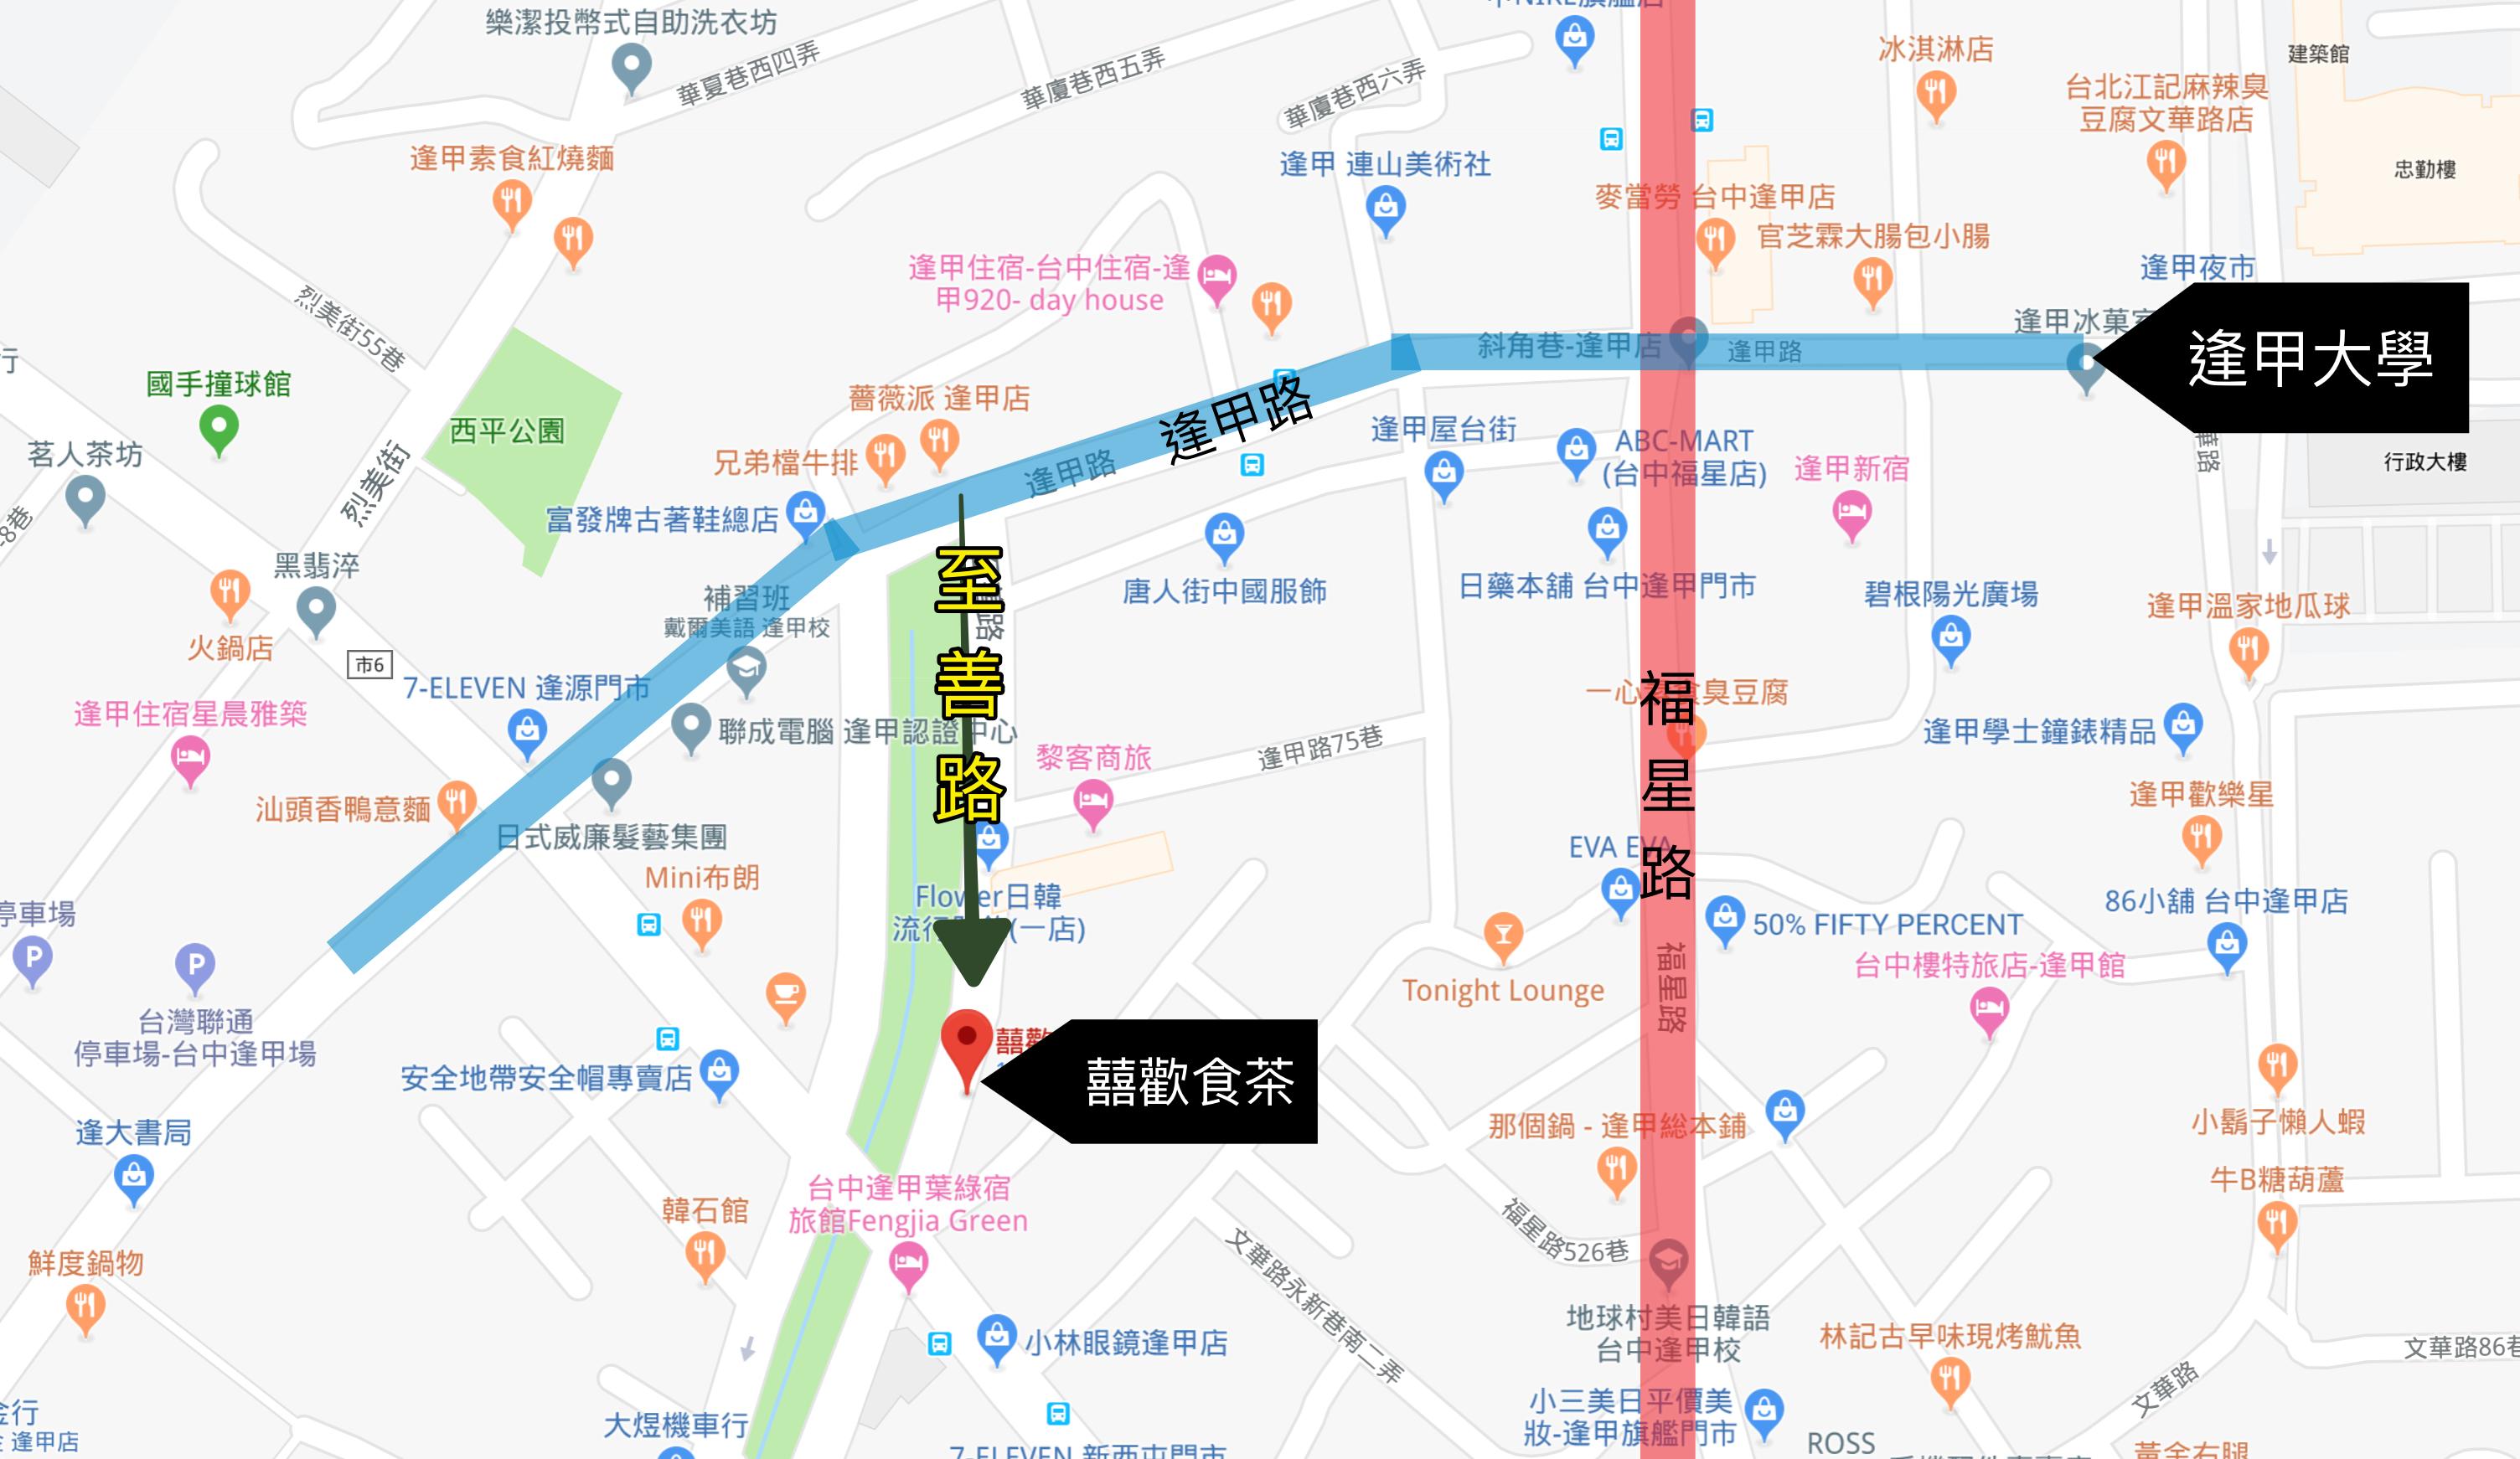 螢幕快照 2019-03-11 下午9.58.13